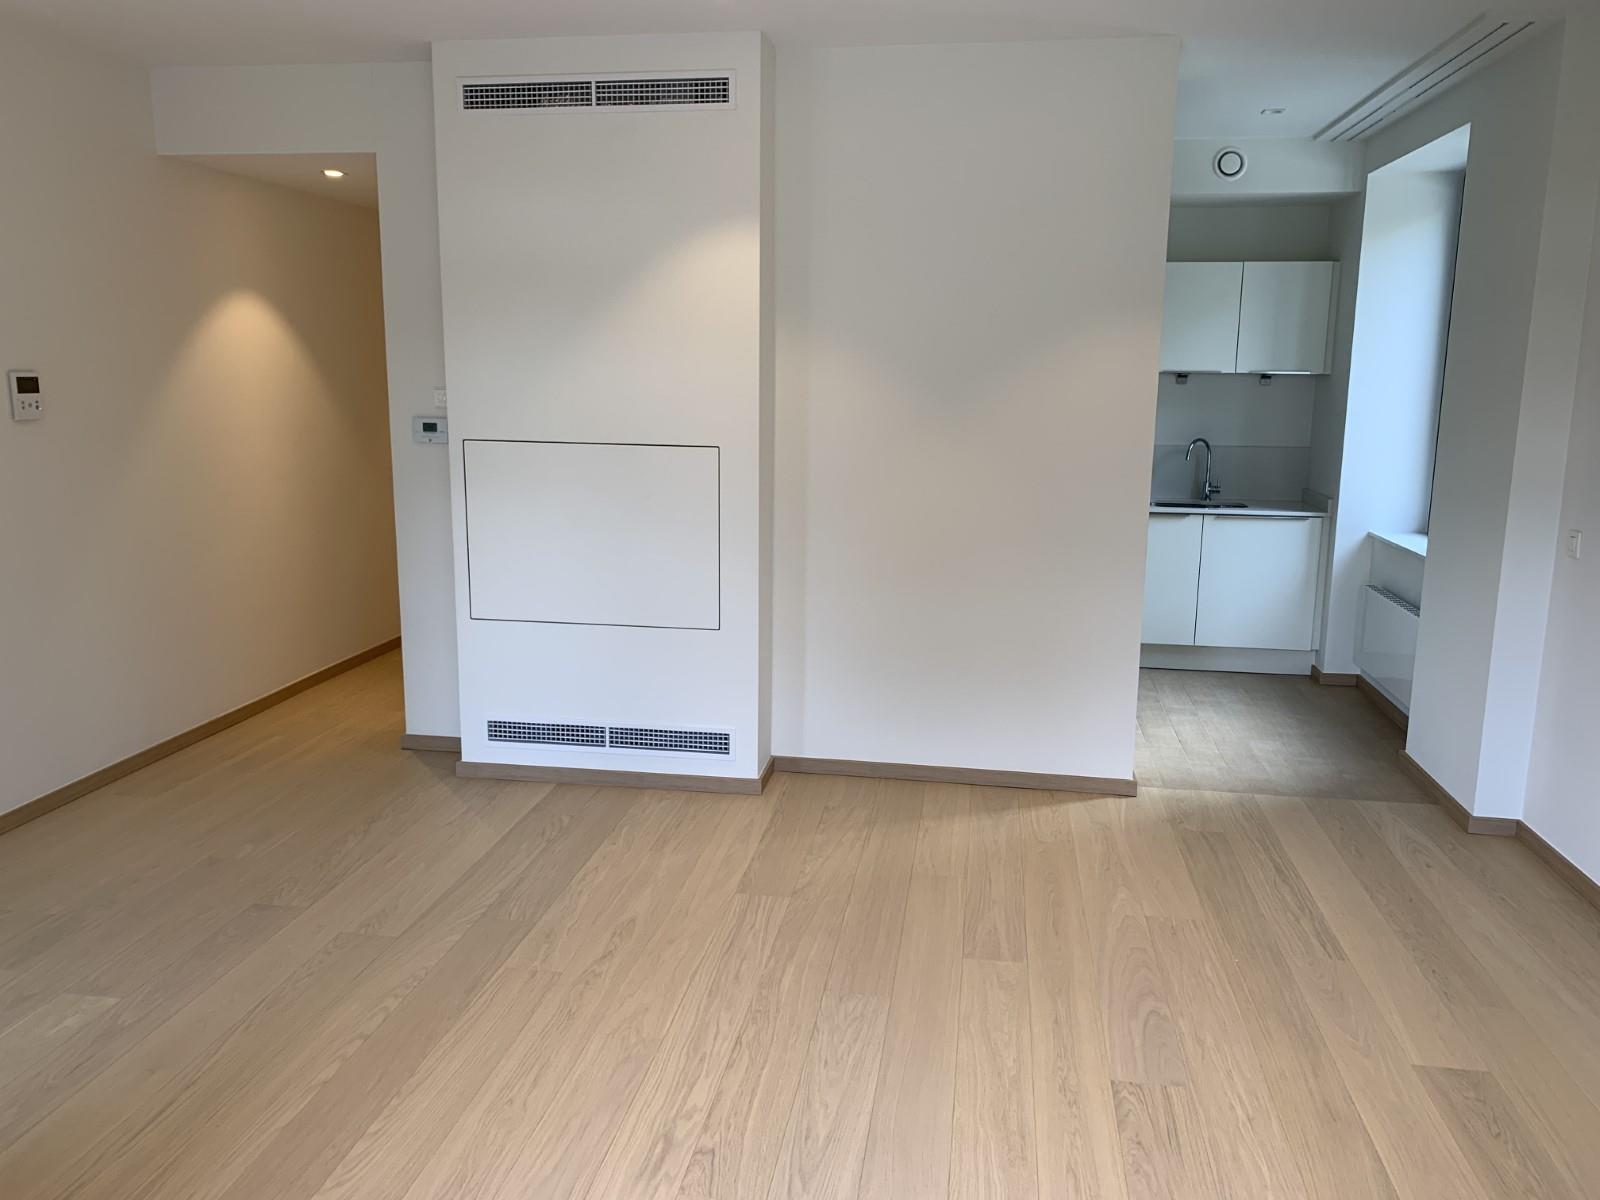 Appartement exceptionnel - Ixelles - #3915694-2